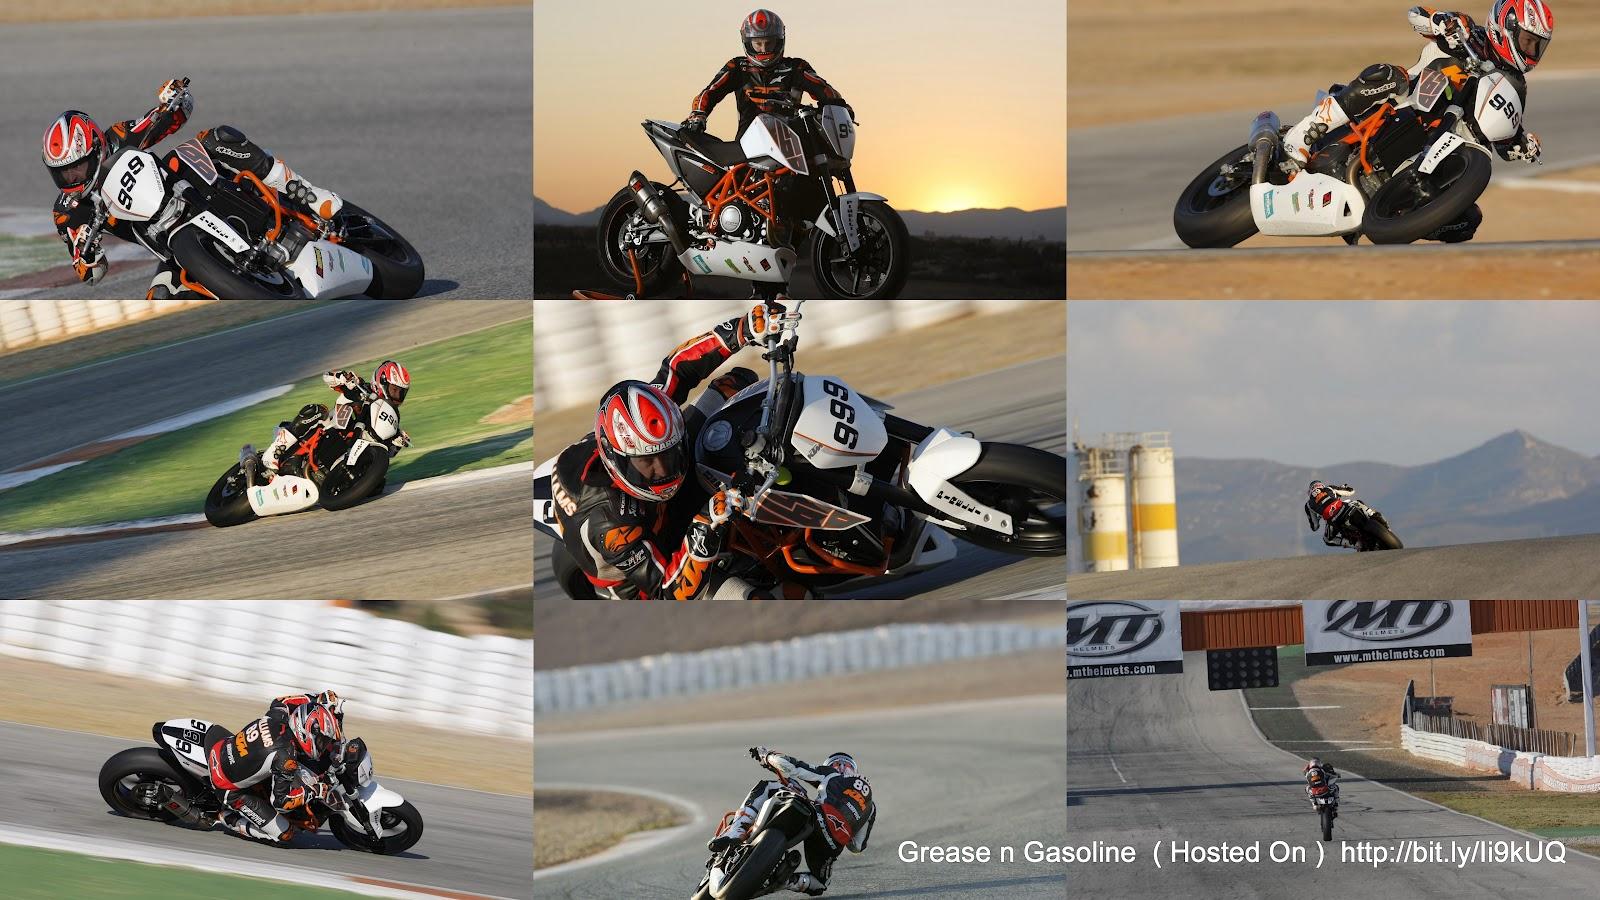 http://1.bp.blogspot.com/-GfSrwAQibwU/T6abQ9EIvsI/AAAAAAAATKo/tjjvhREqVQc/s1600/KTM+690+Duke+Track.jpg